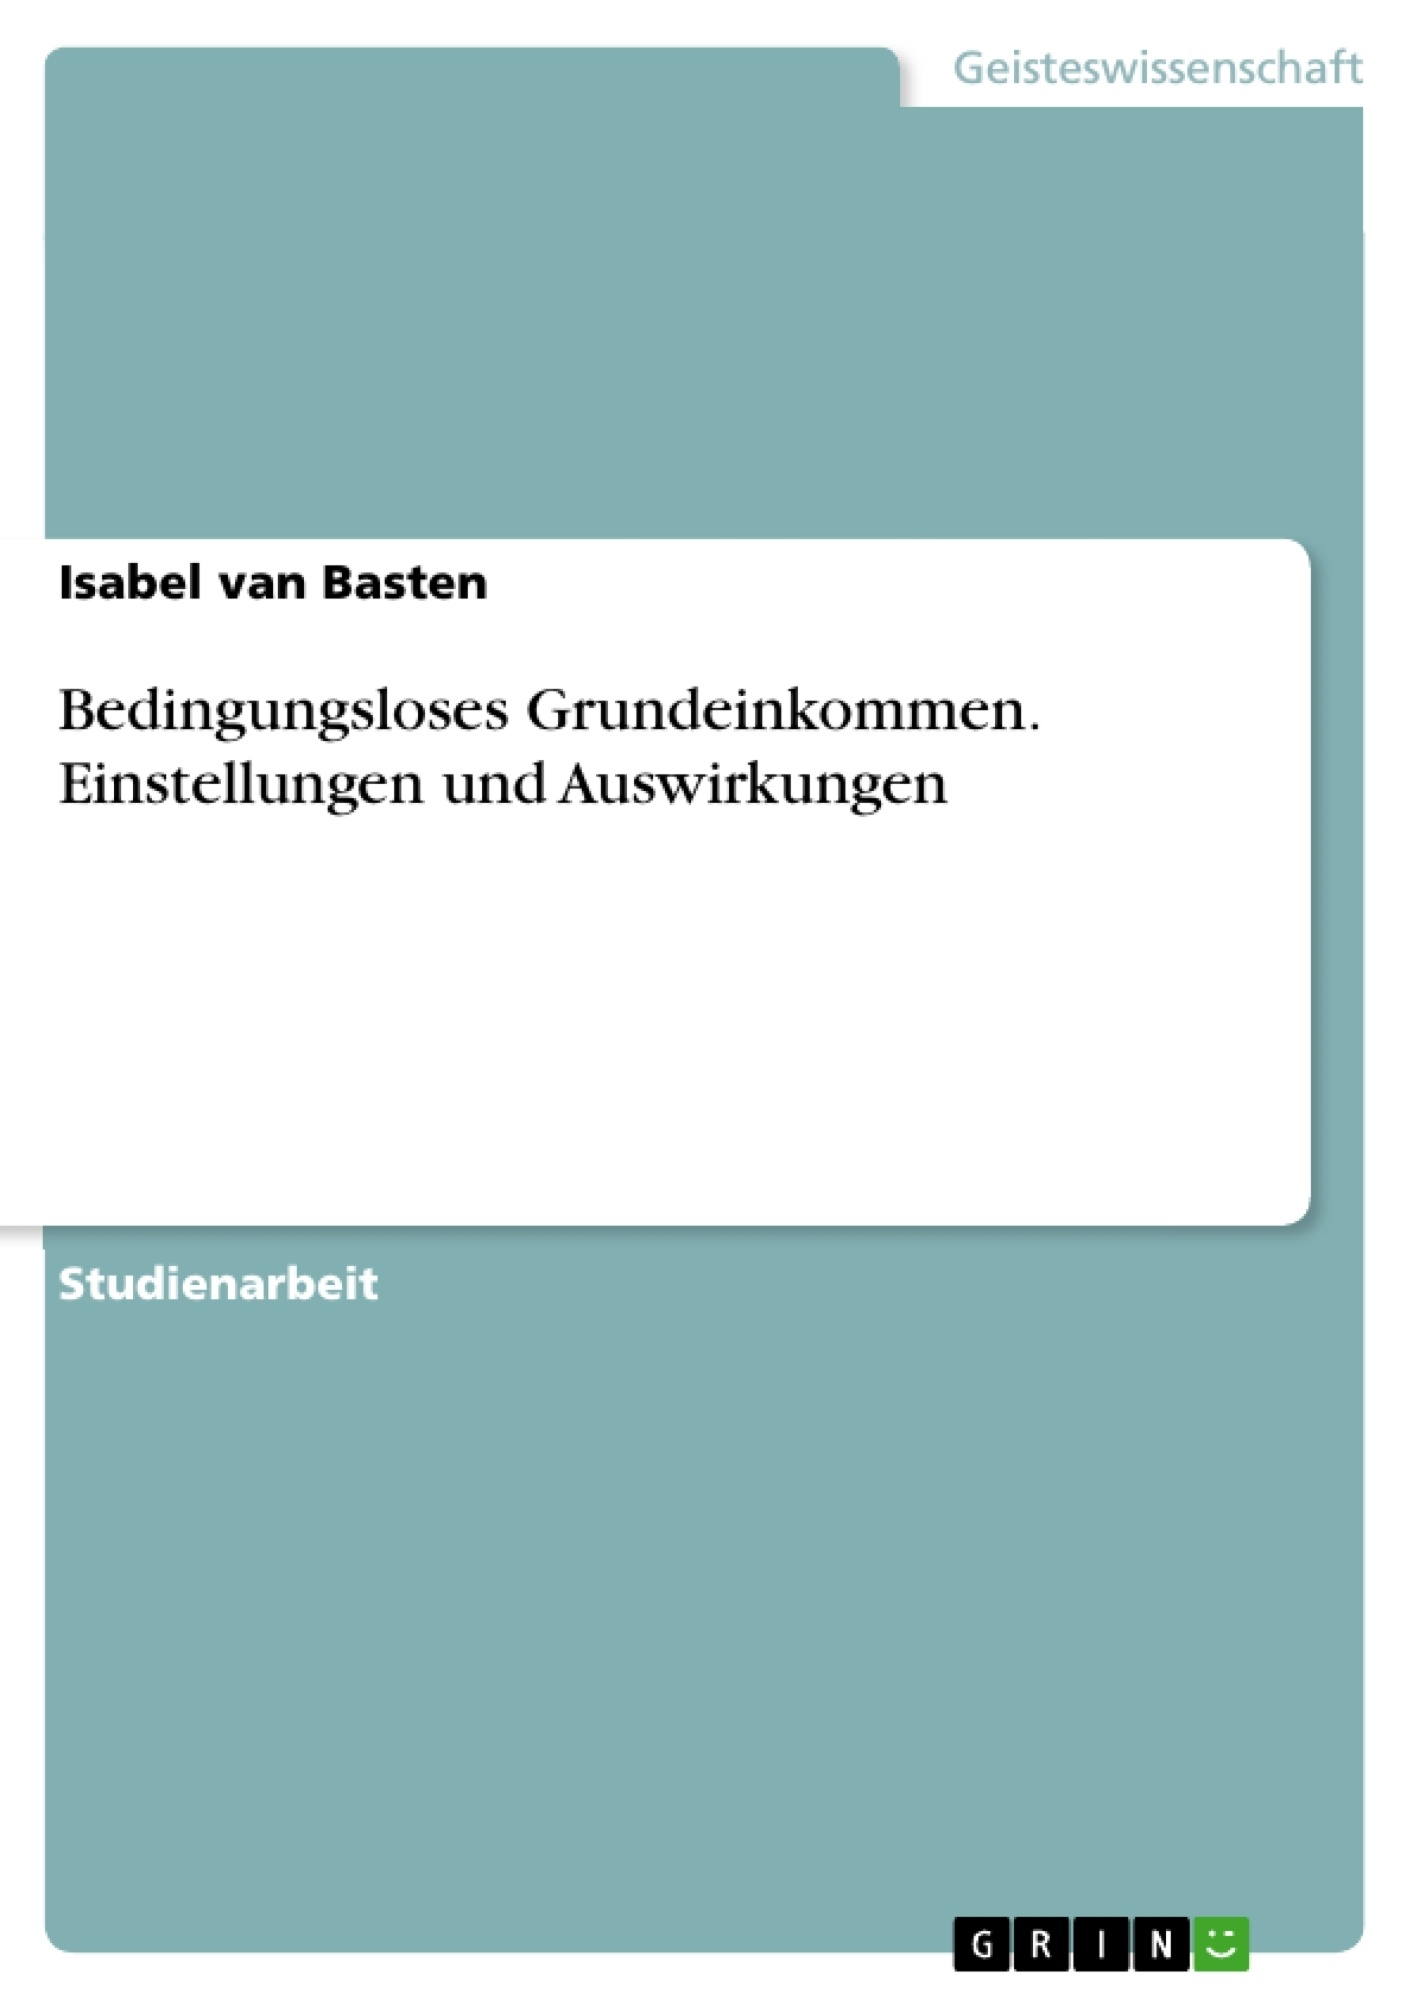 Titel: Bedingungsloses Grundeinkommen. Einstellungen und Auswirkungen